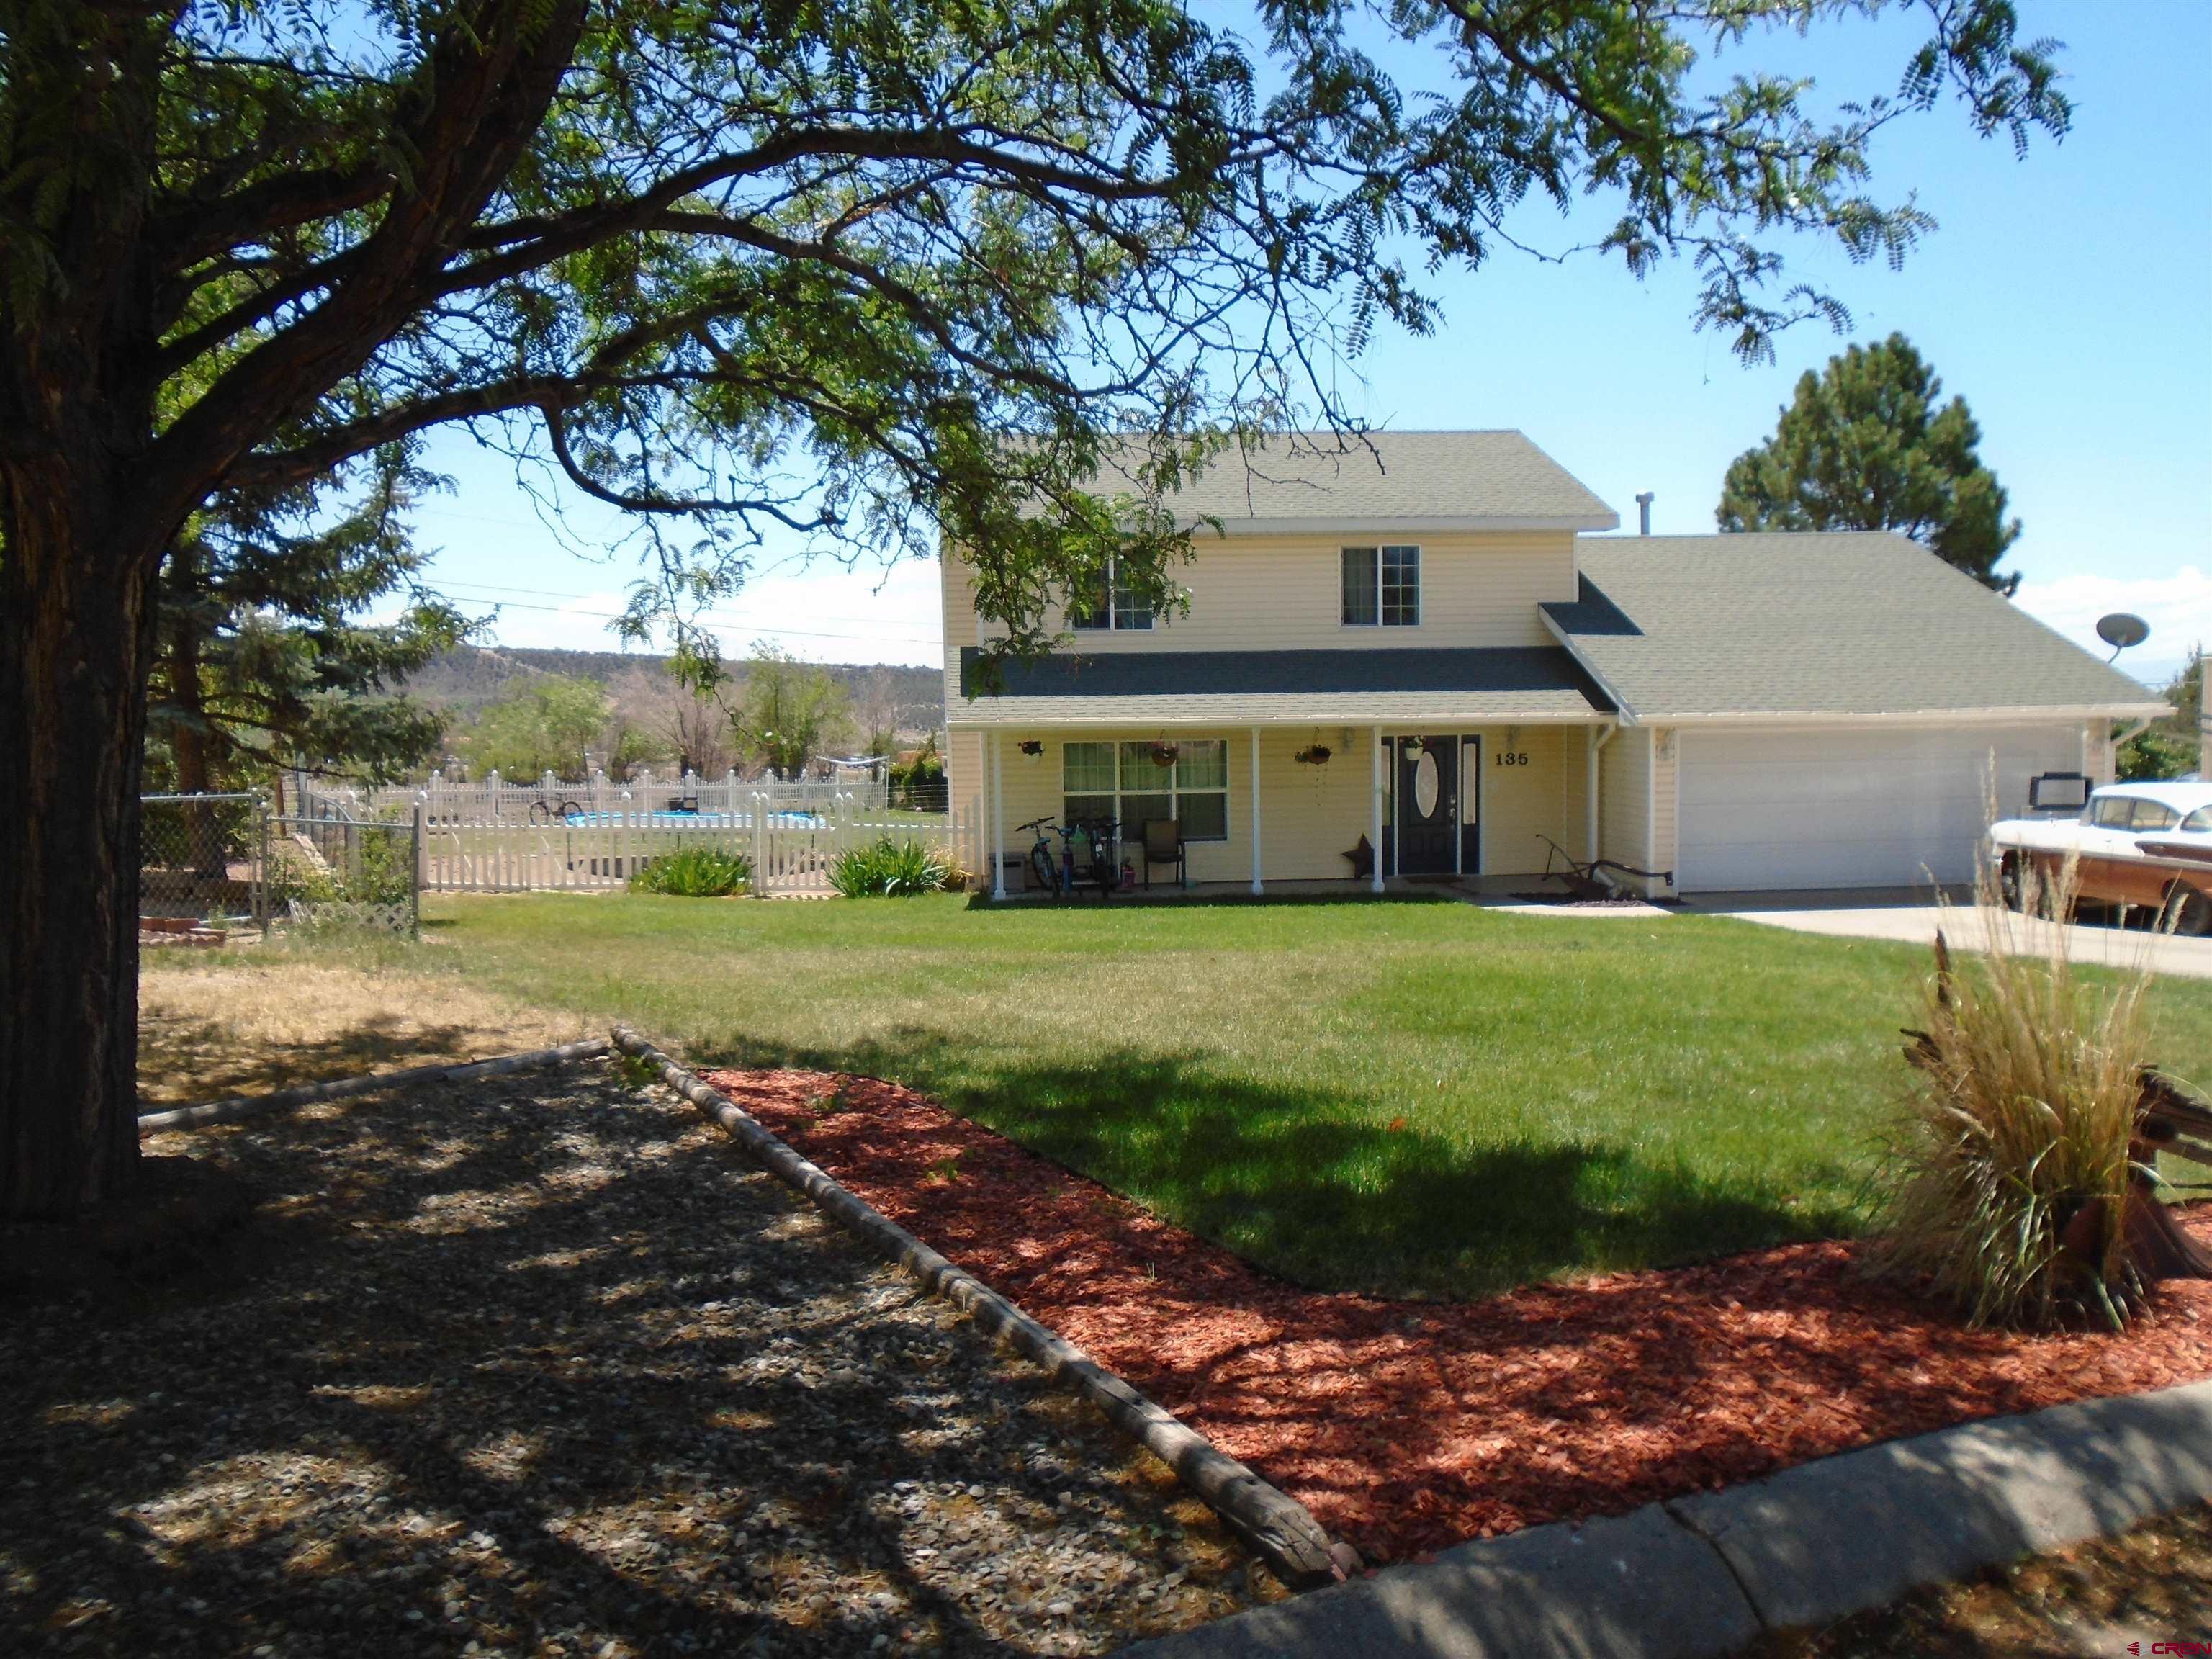 135 NE Lodgepole Court, Cedaredge, CO 81413